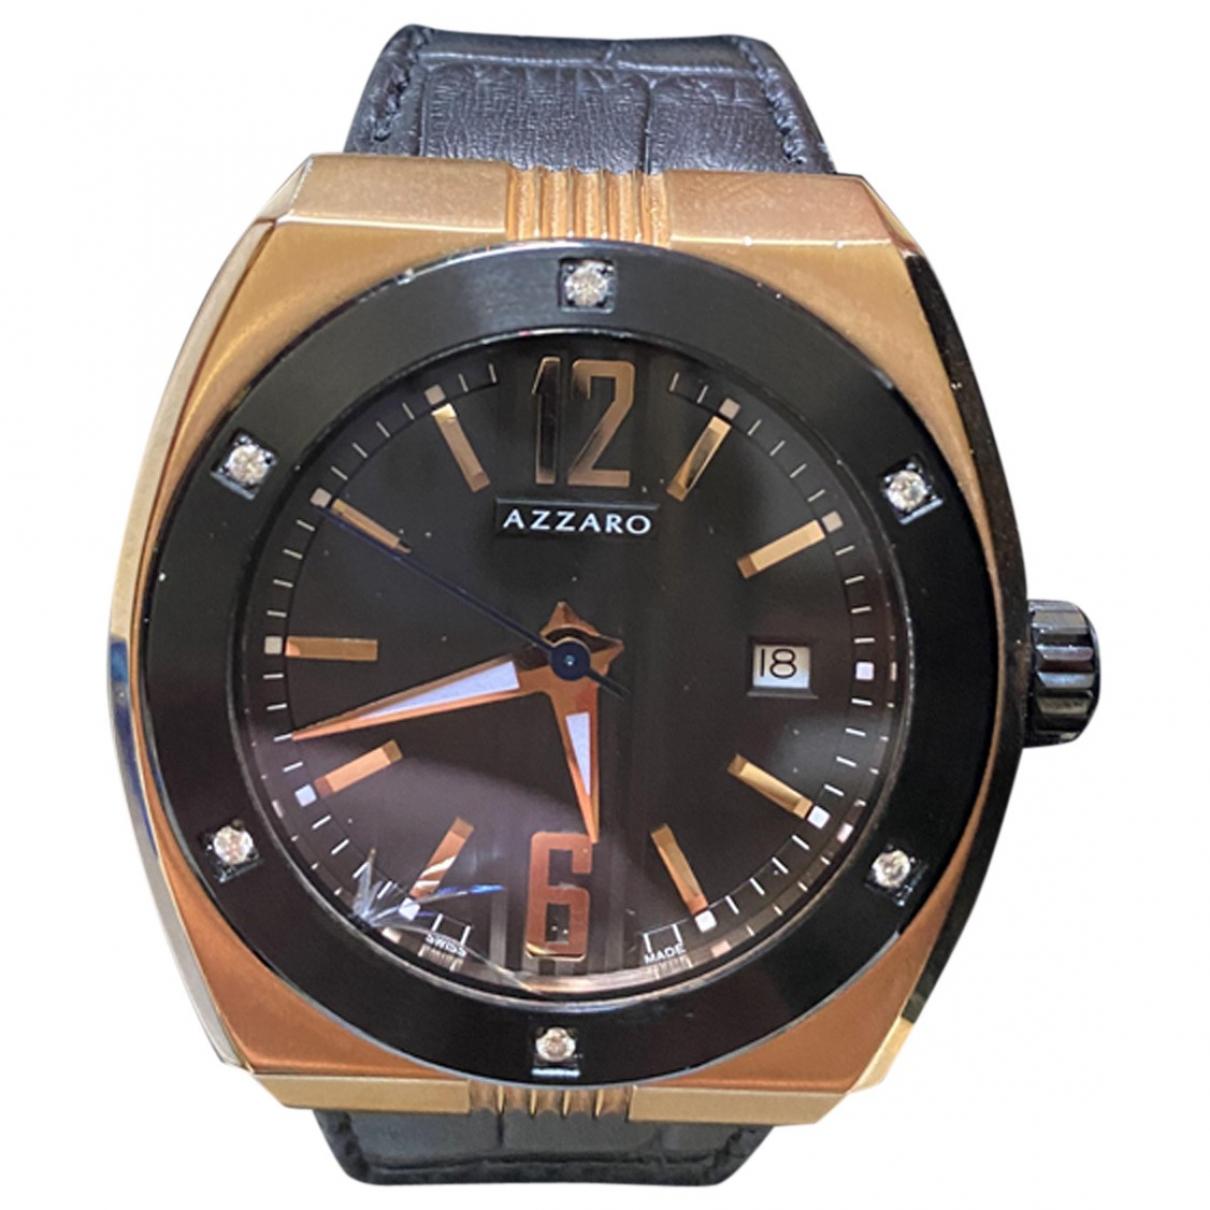 Azzaro \N Uhr in Stahl